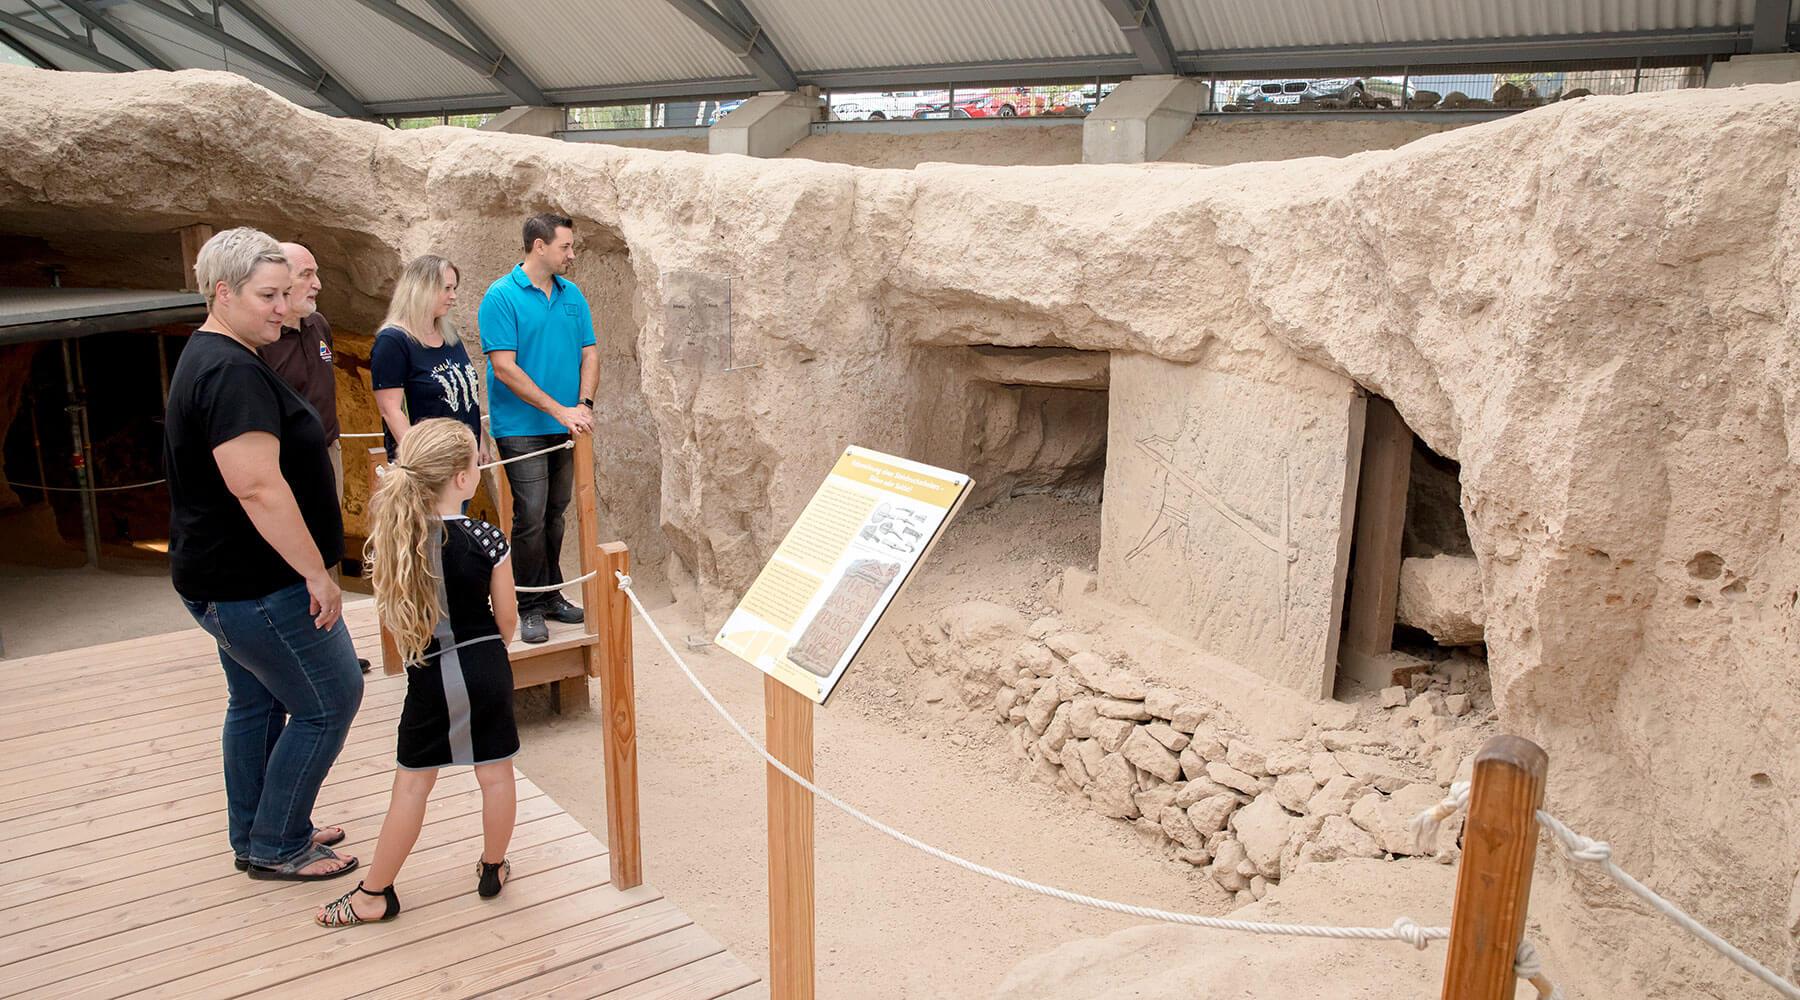 Vulkanpark, Römerbergwerk Meurin. Gästeführer erläutert Besuchern die Felszeichnung.